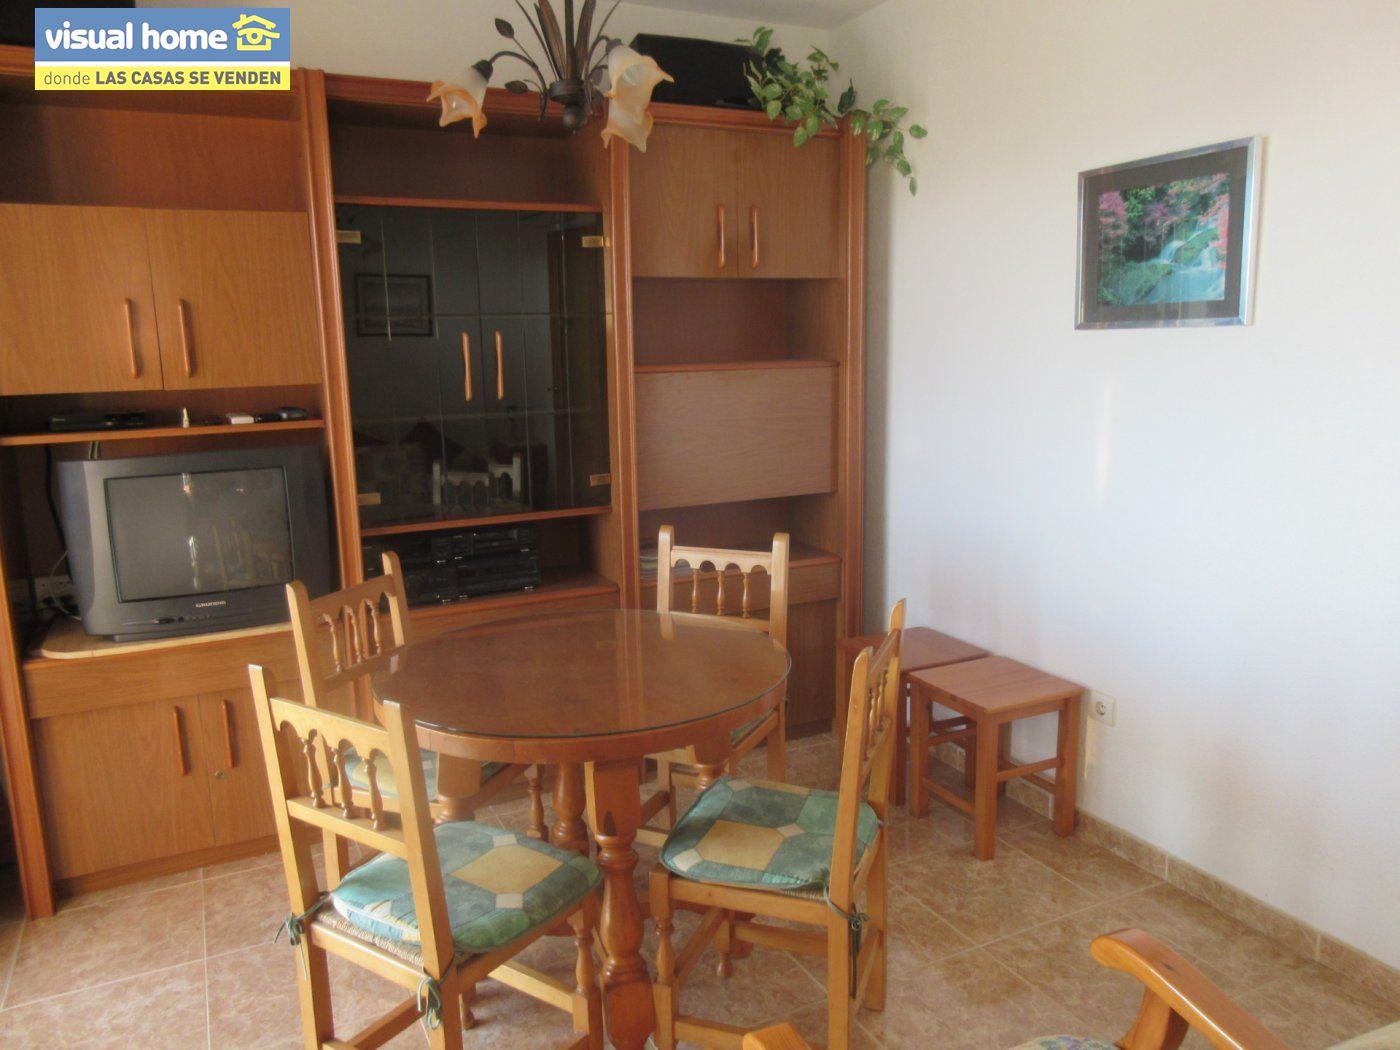 Apartamento 1 dormitorio con vistas espectaculares con parking y piscina en Rincón de Loix llano 13